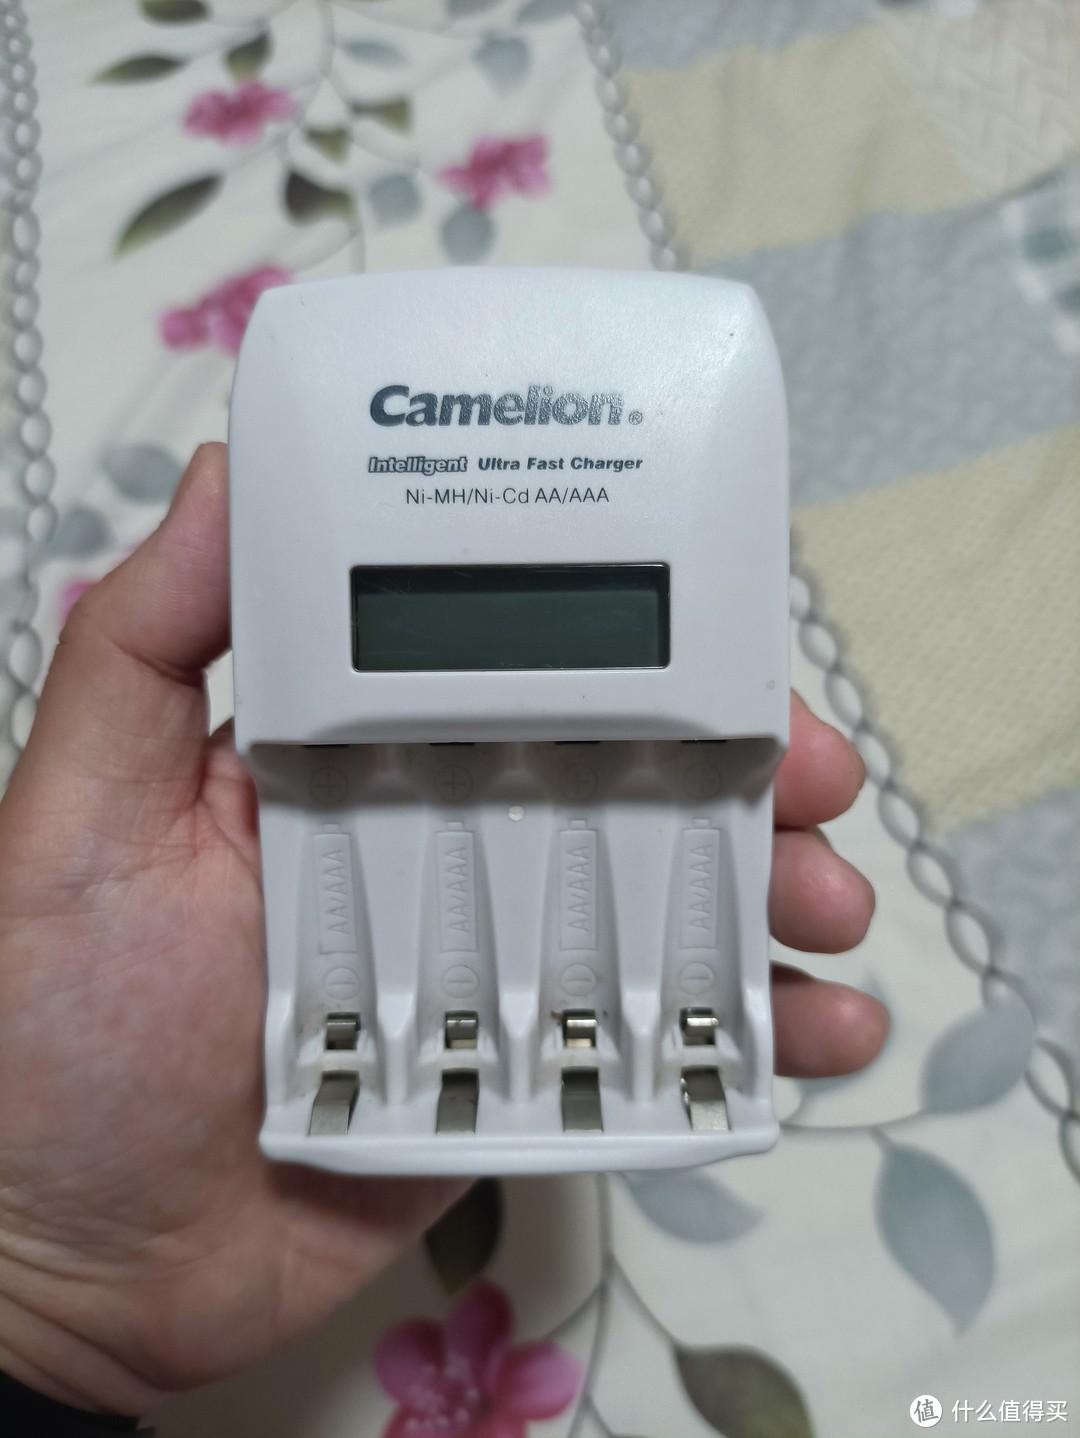 图书馆猿の飞狮(Camelion) BC-0907 四槽LCD智能液晶显示快速充电器 简单晒